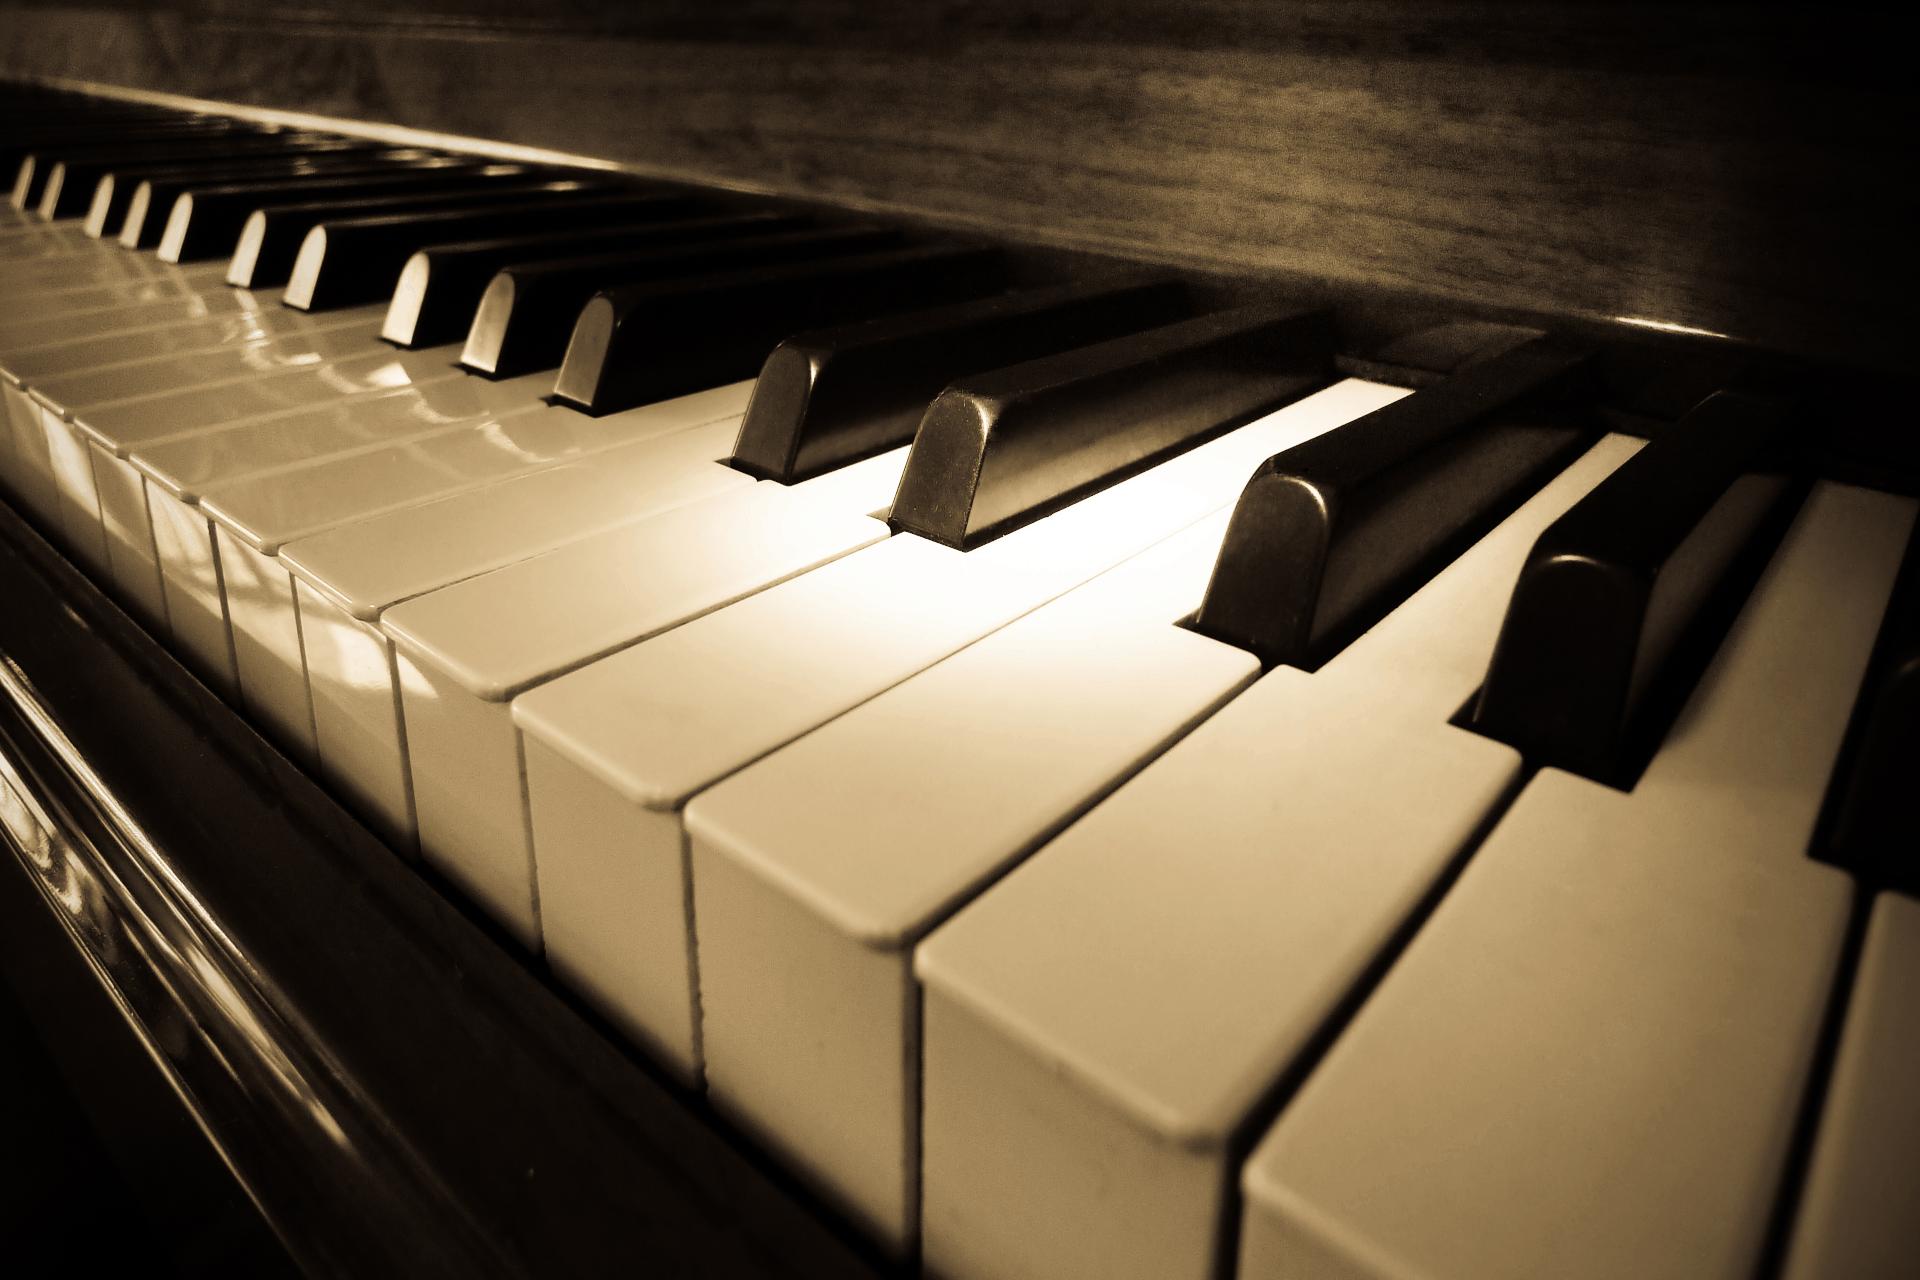 rengjøring av pianotangenter